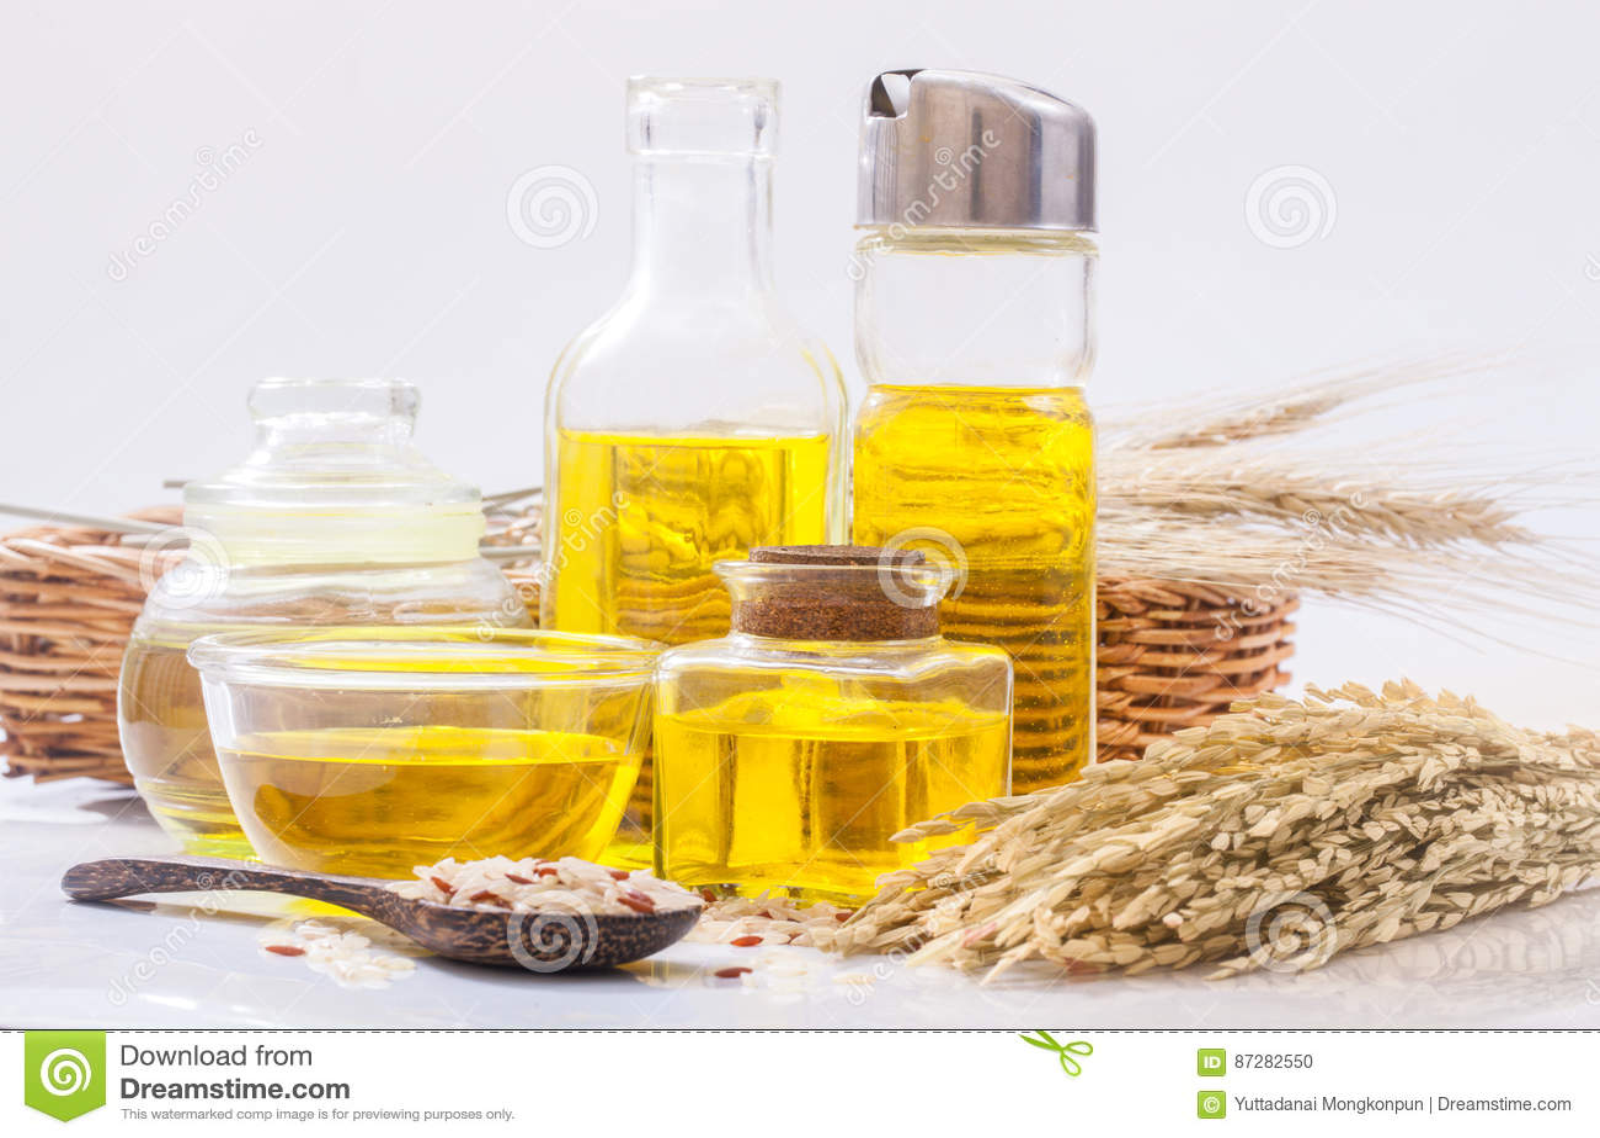 Ryżowego otręby olej